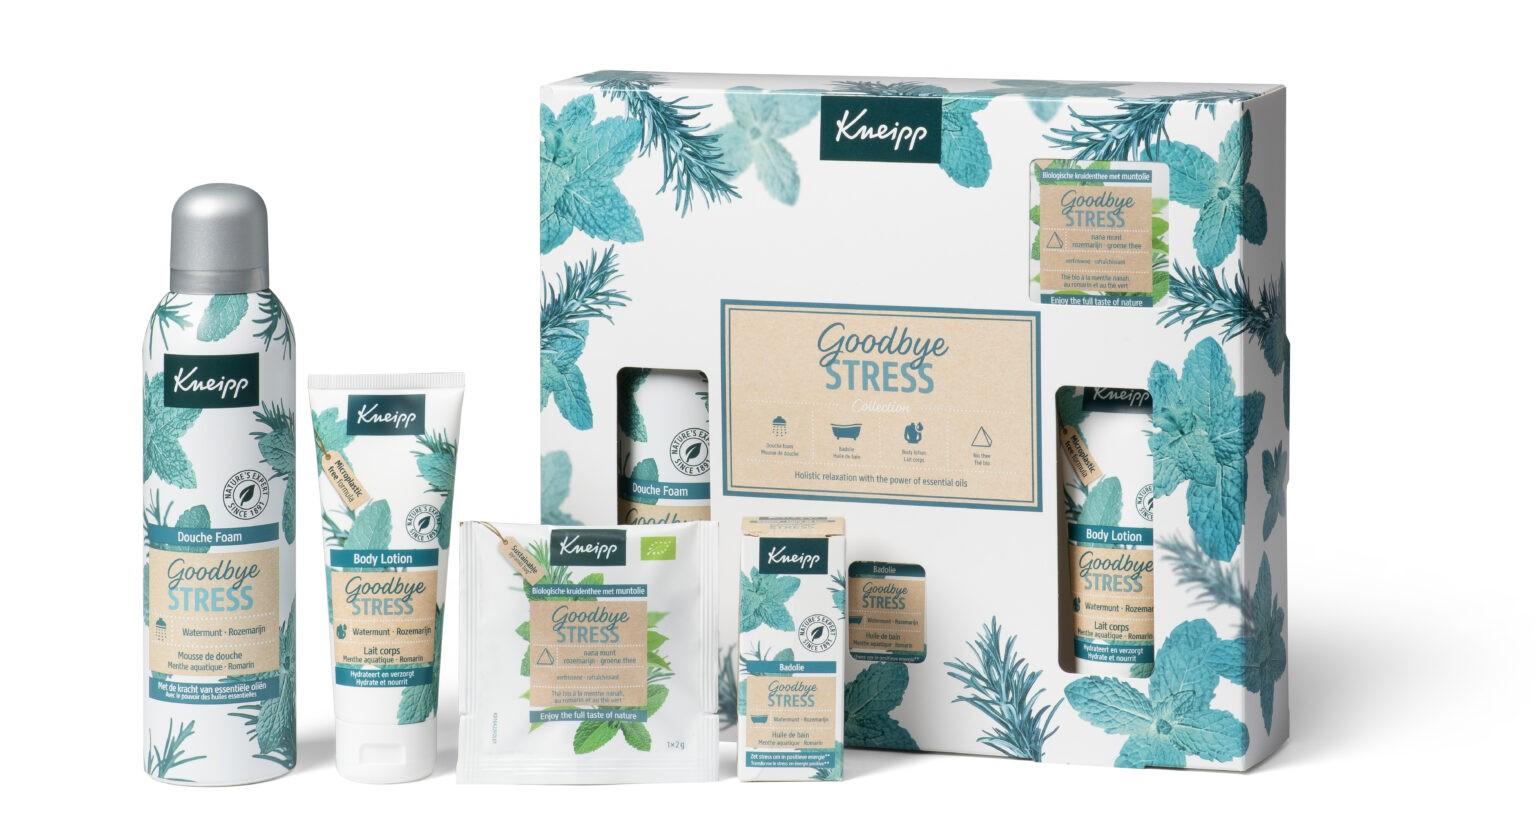 Nieuwe kneipp Giftsets voor Sint/kerst 2020 Goodbye stress collectie